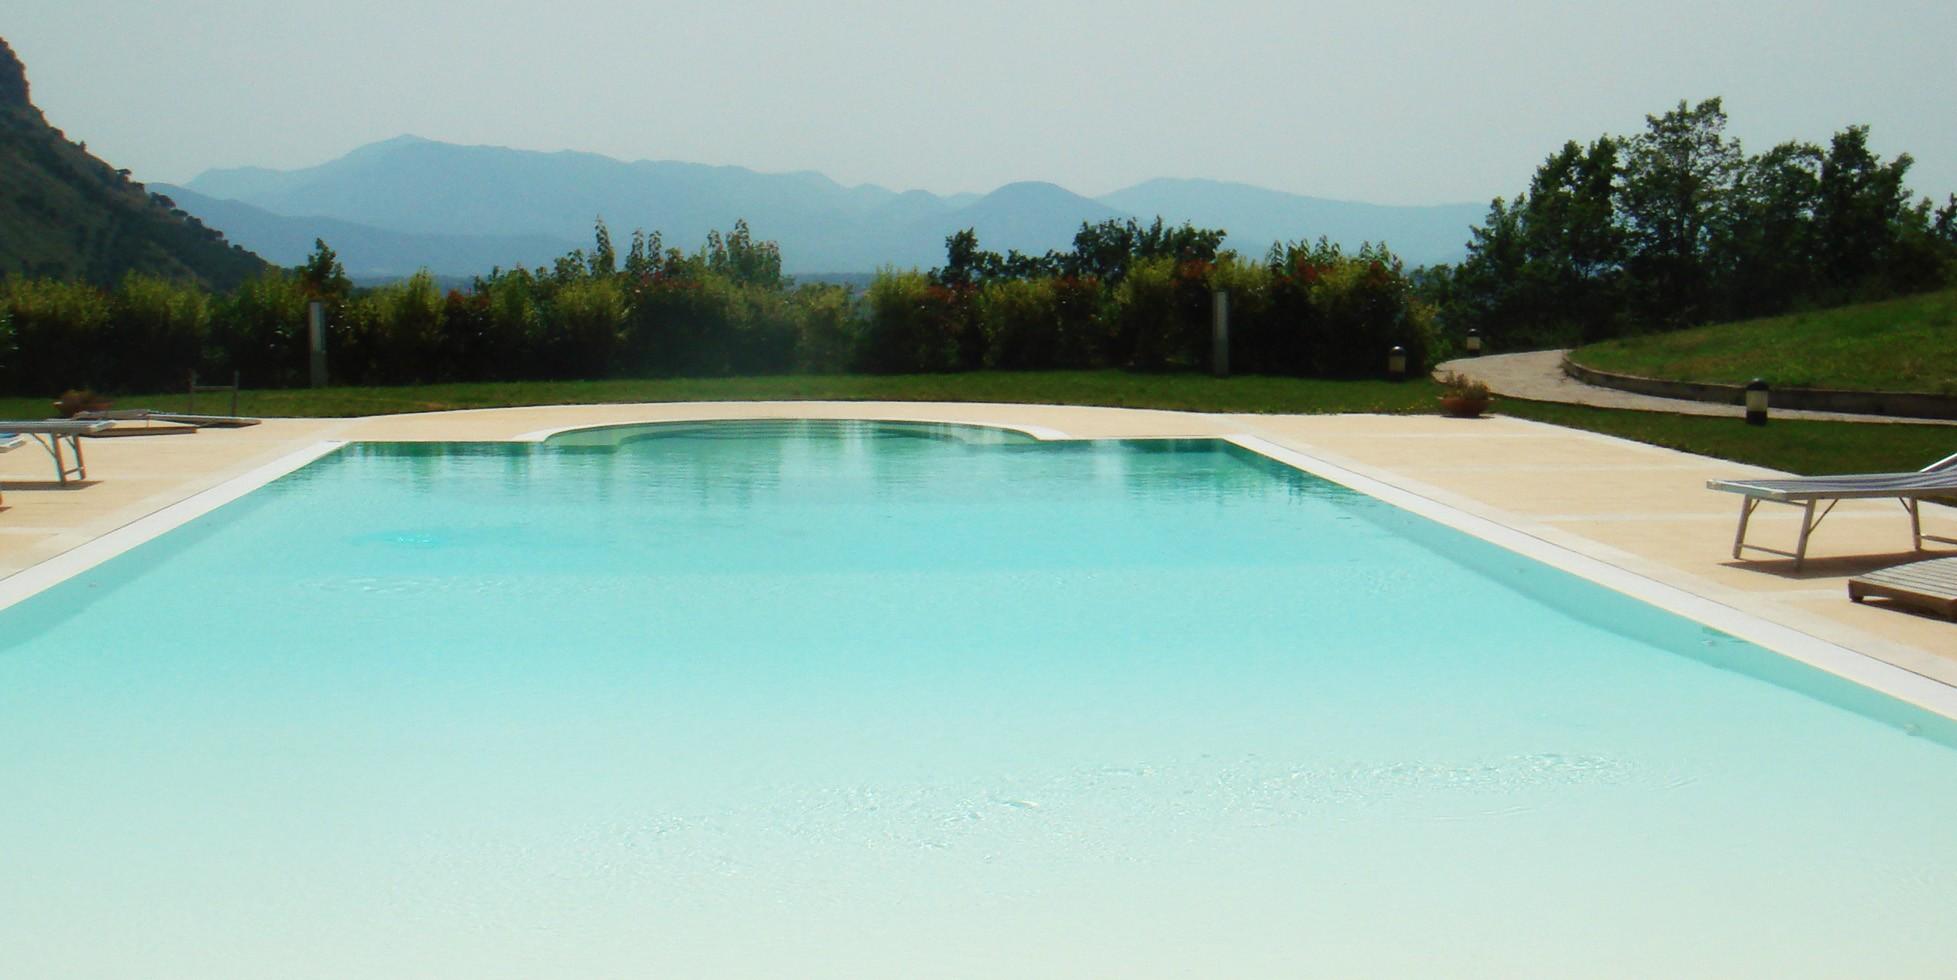 Shades of blue - استخر های شنا